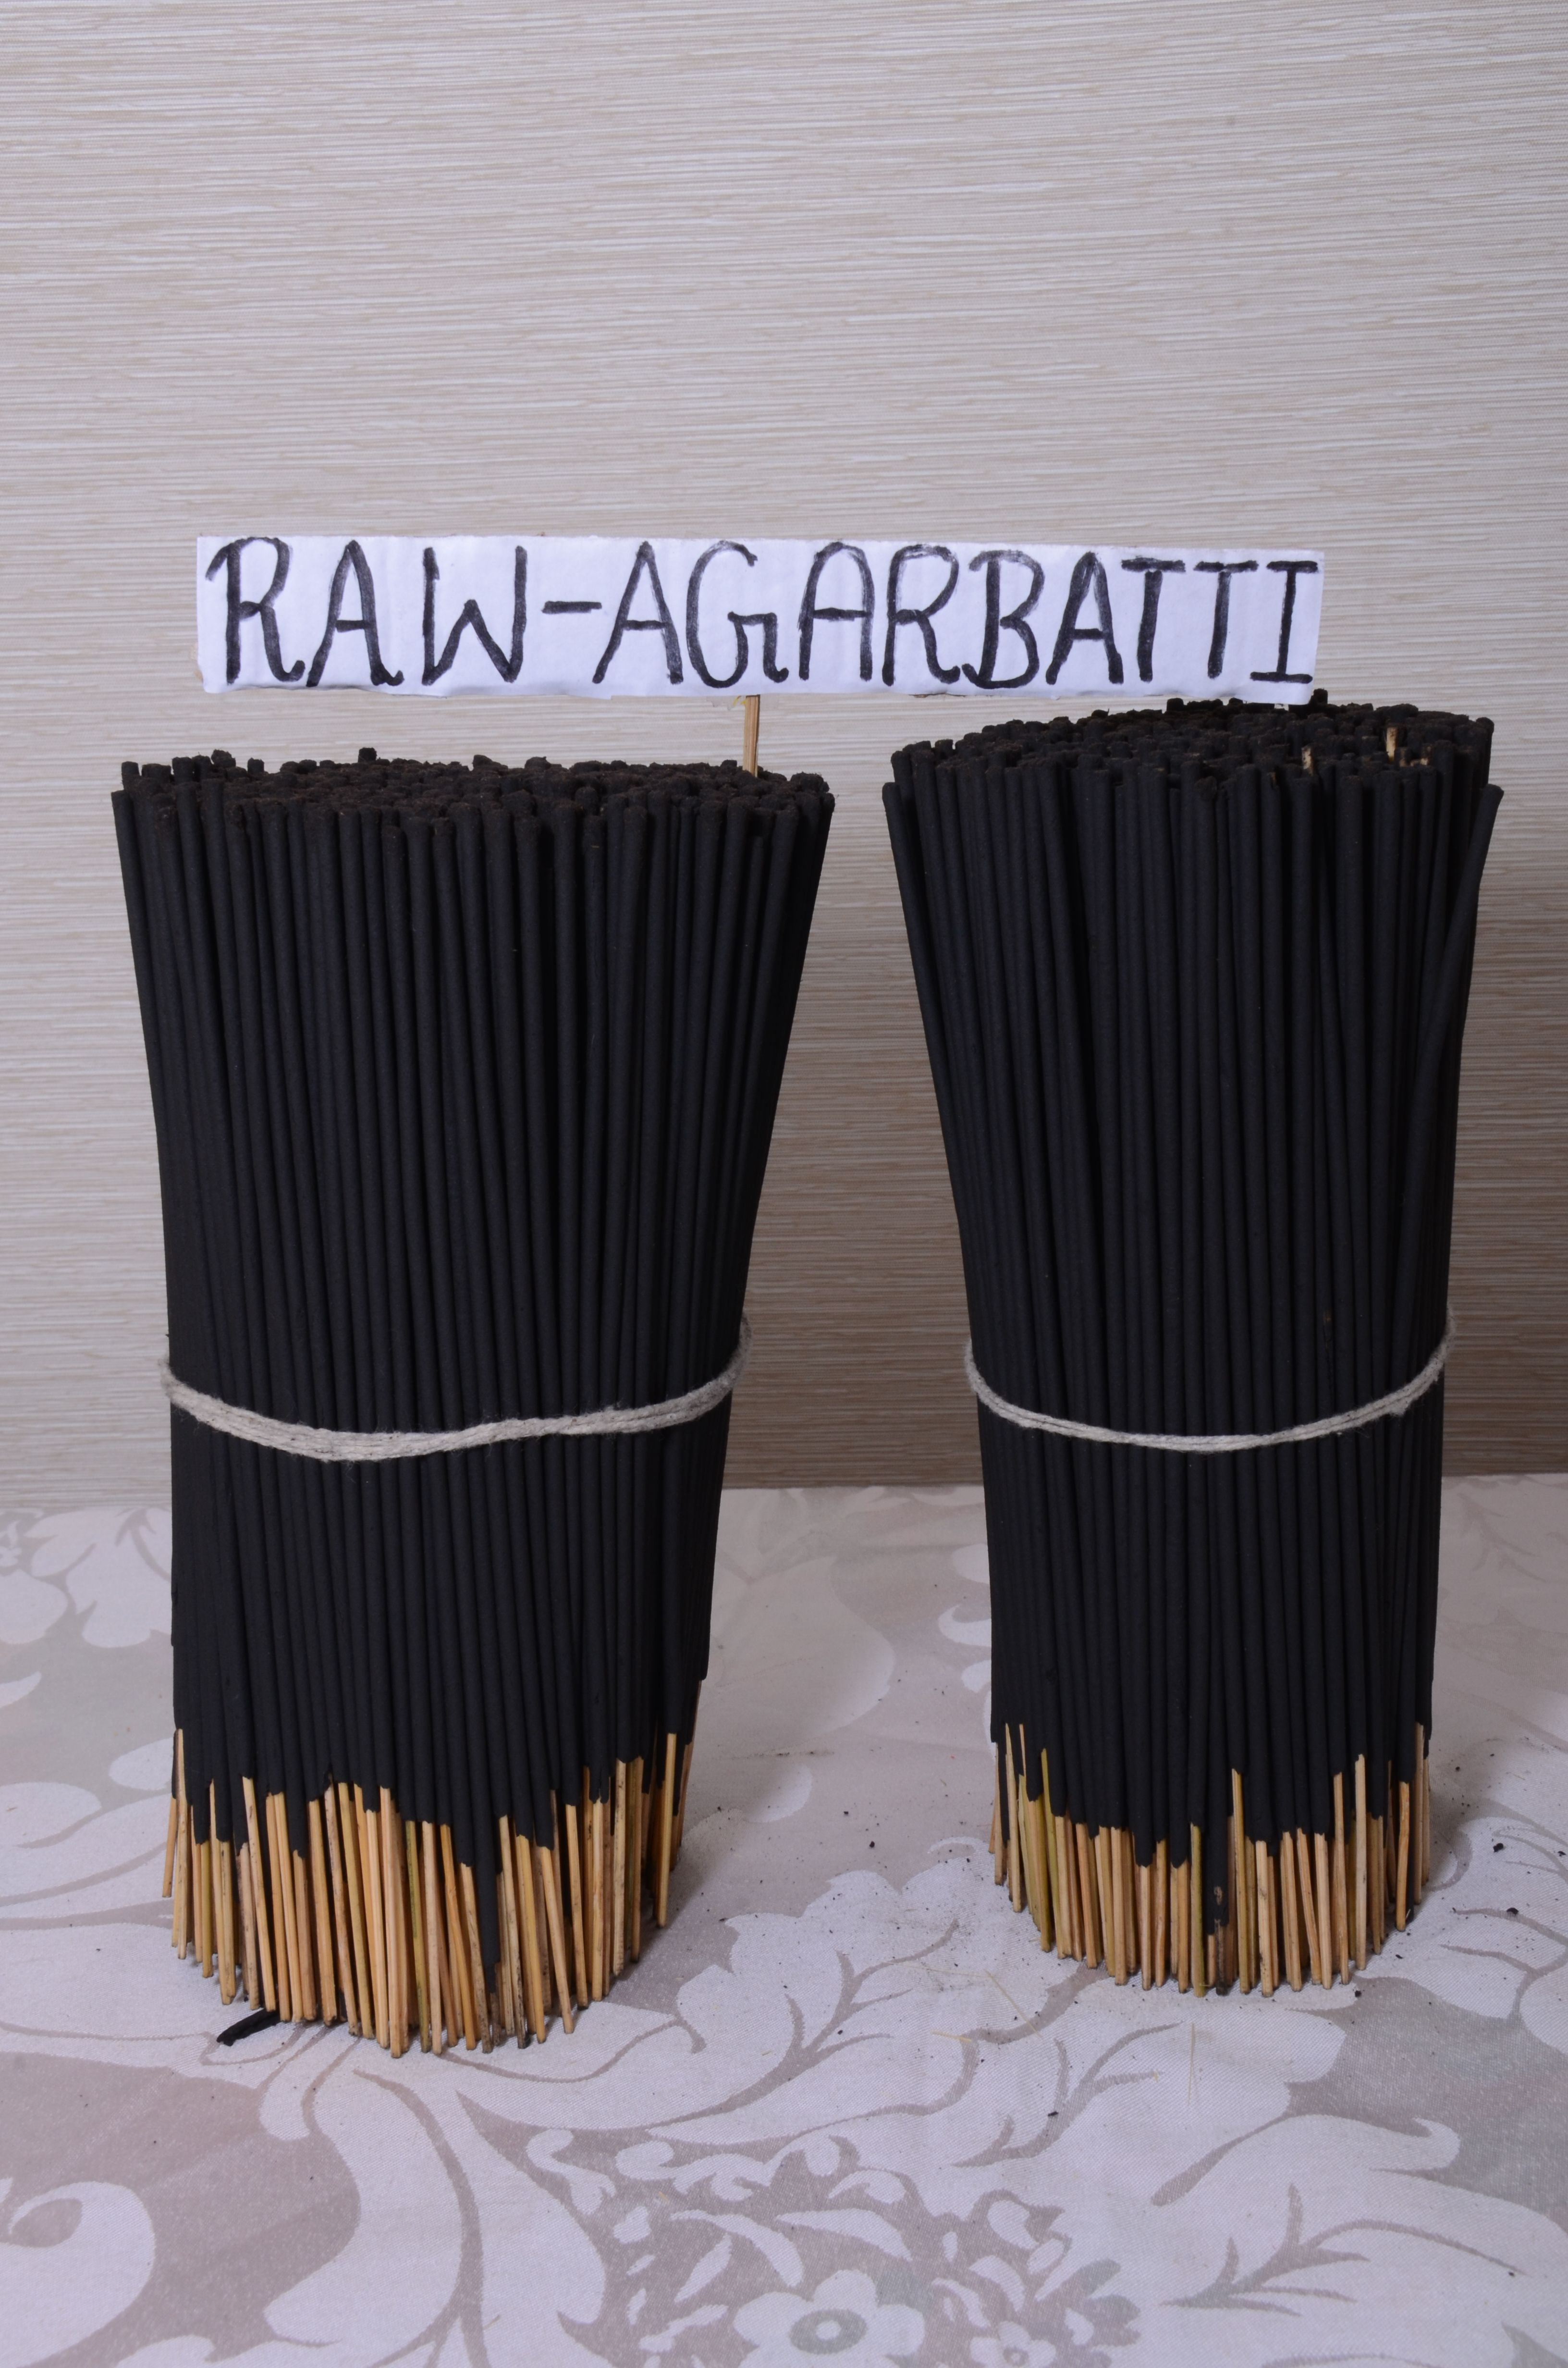 agarbatti manufacturers, incense sticks manufacturers in